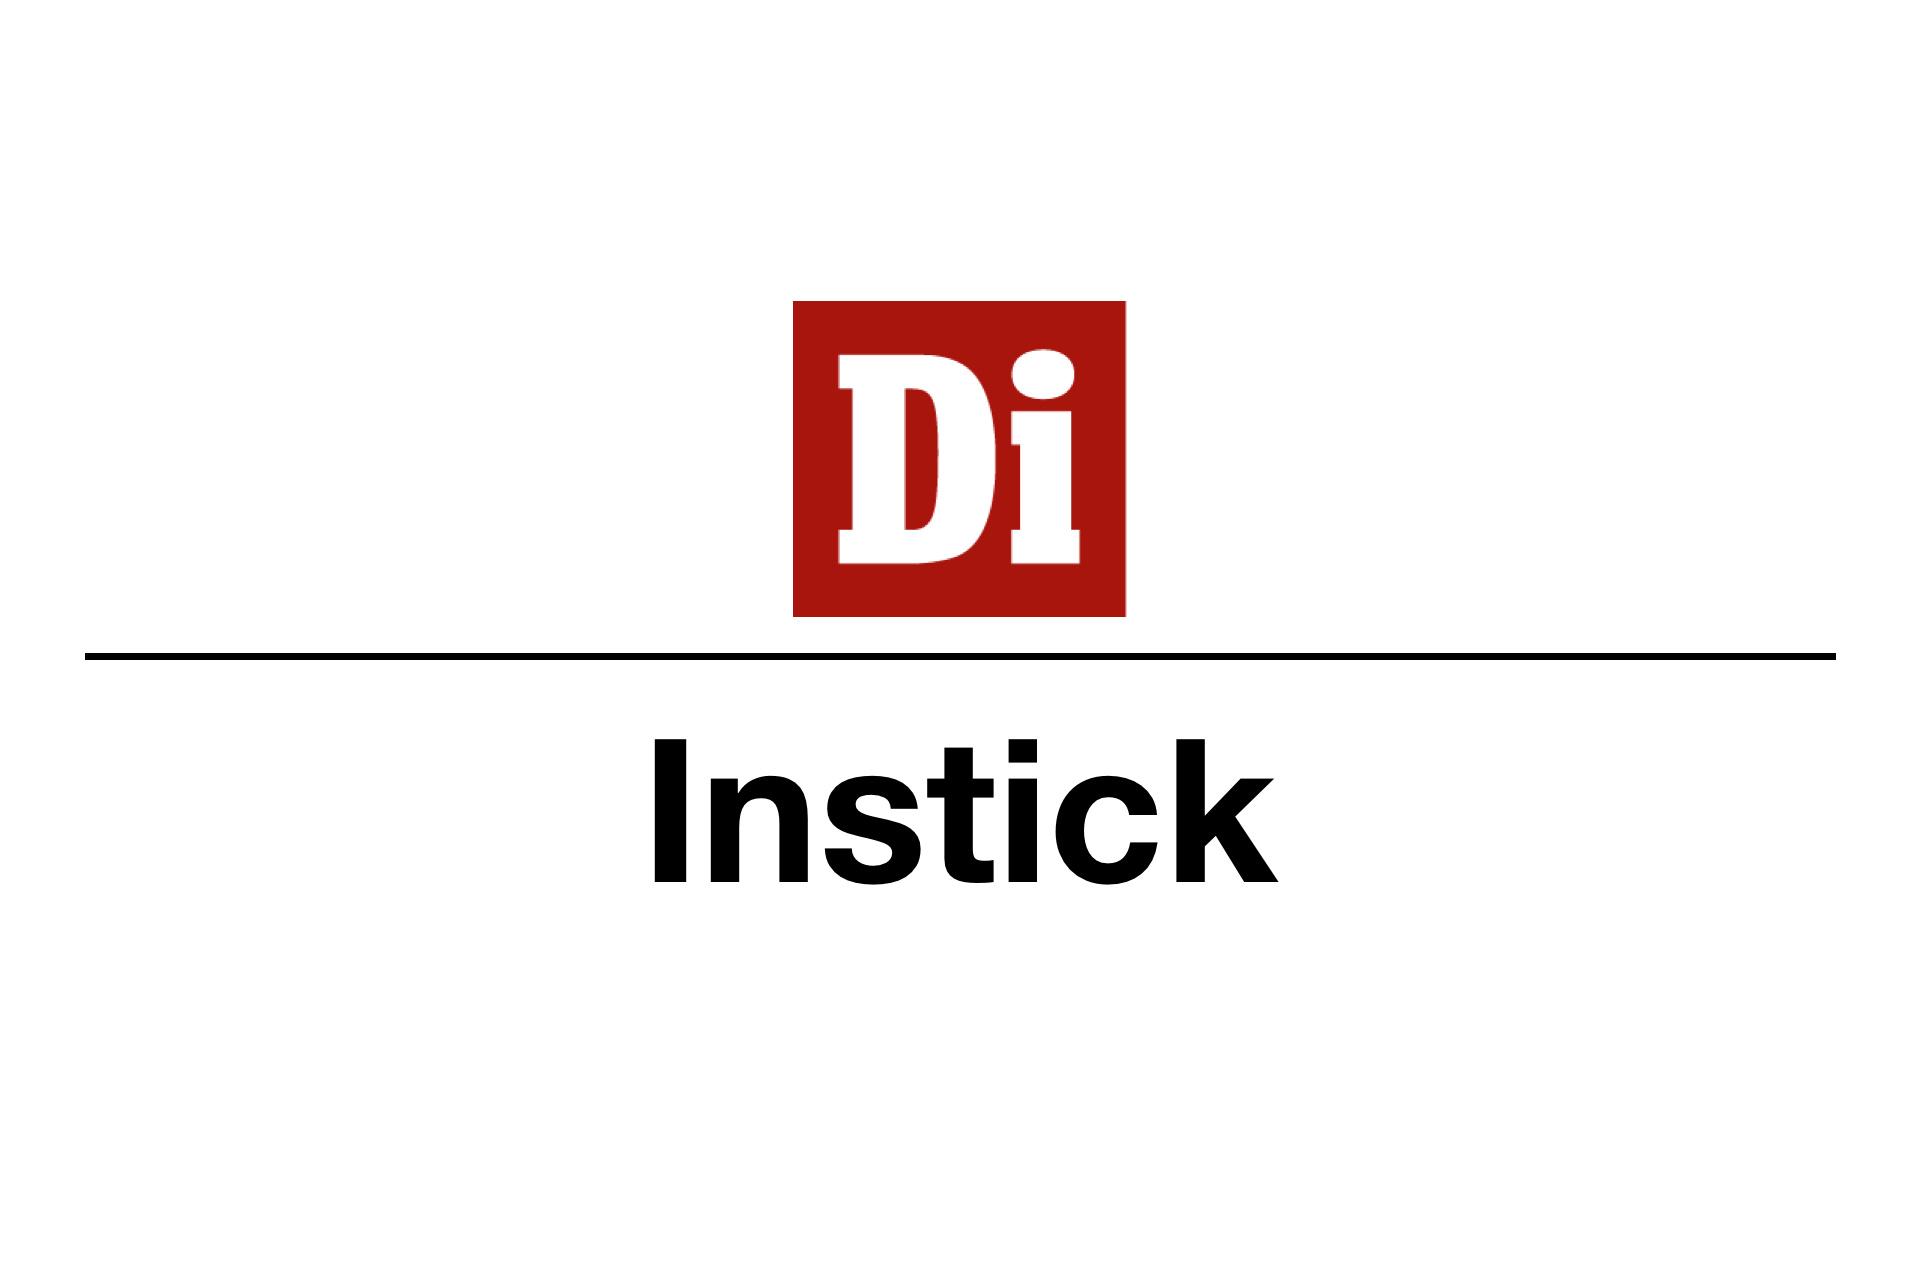 Instick (ibladning av enklare trycksak utan annonser)